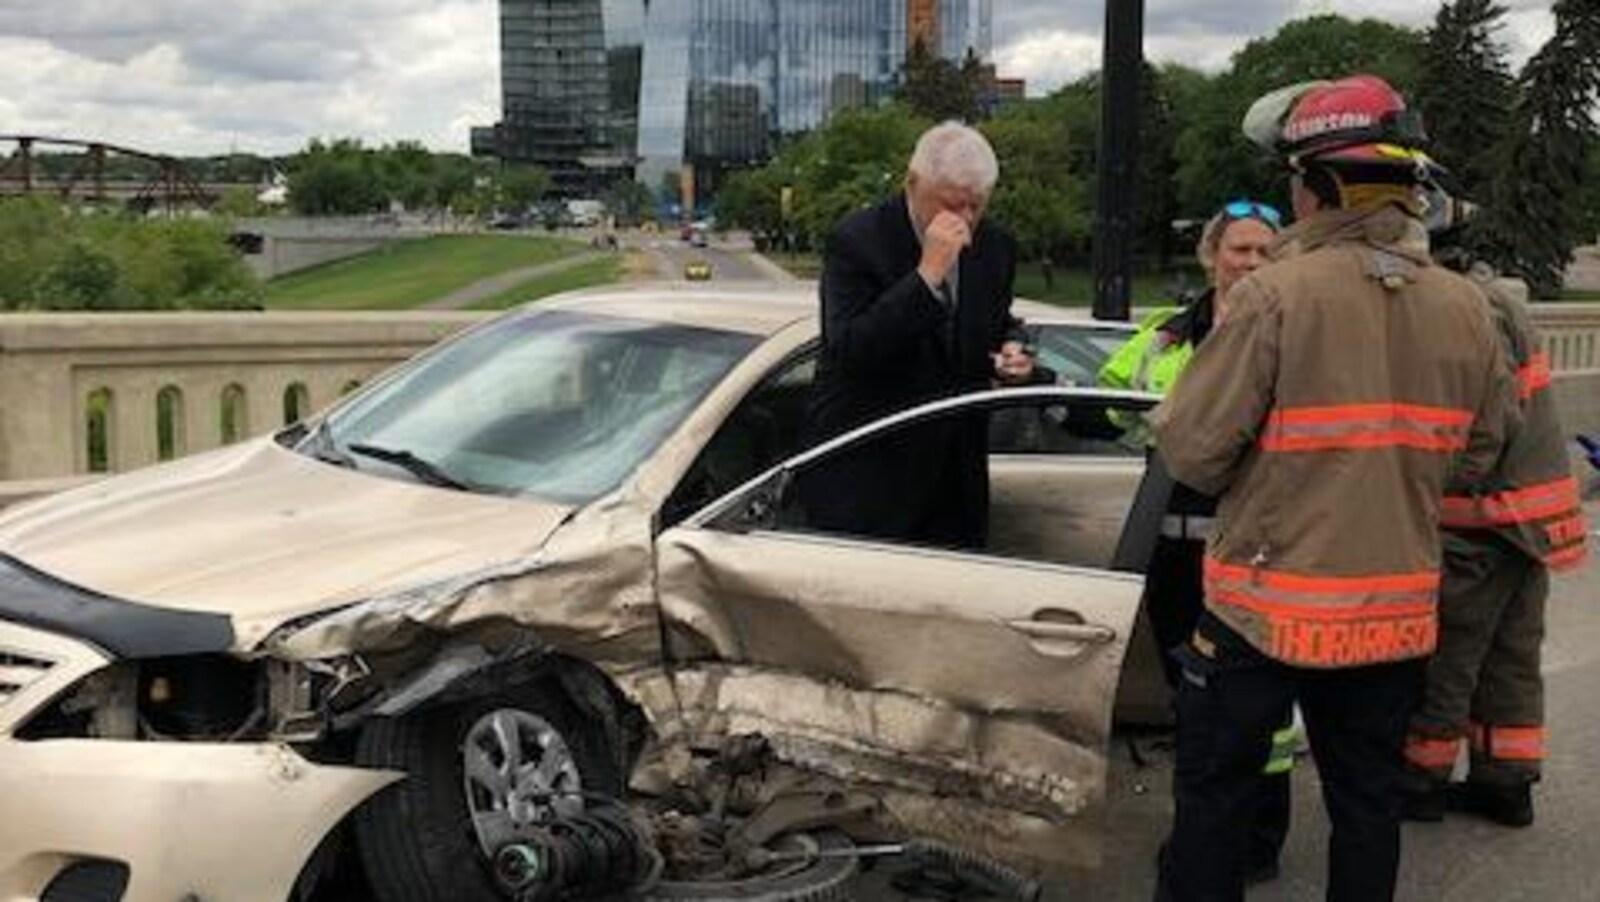 Un passager et des premiers répondants debout devant la voiture endommagée par l'accident.